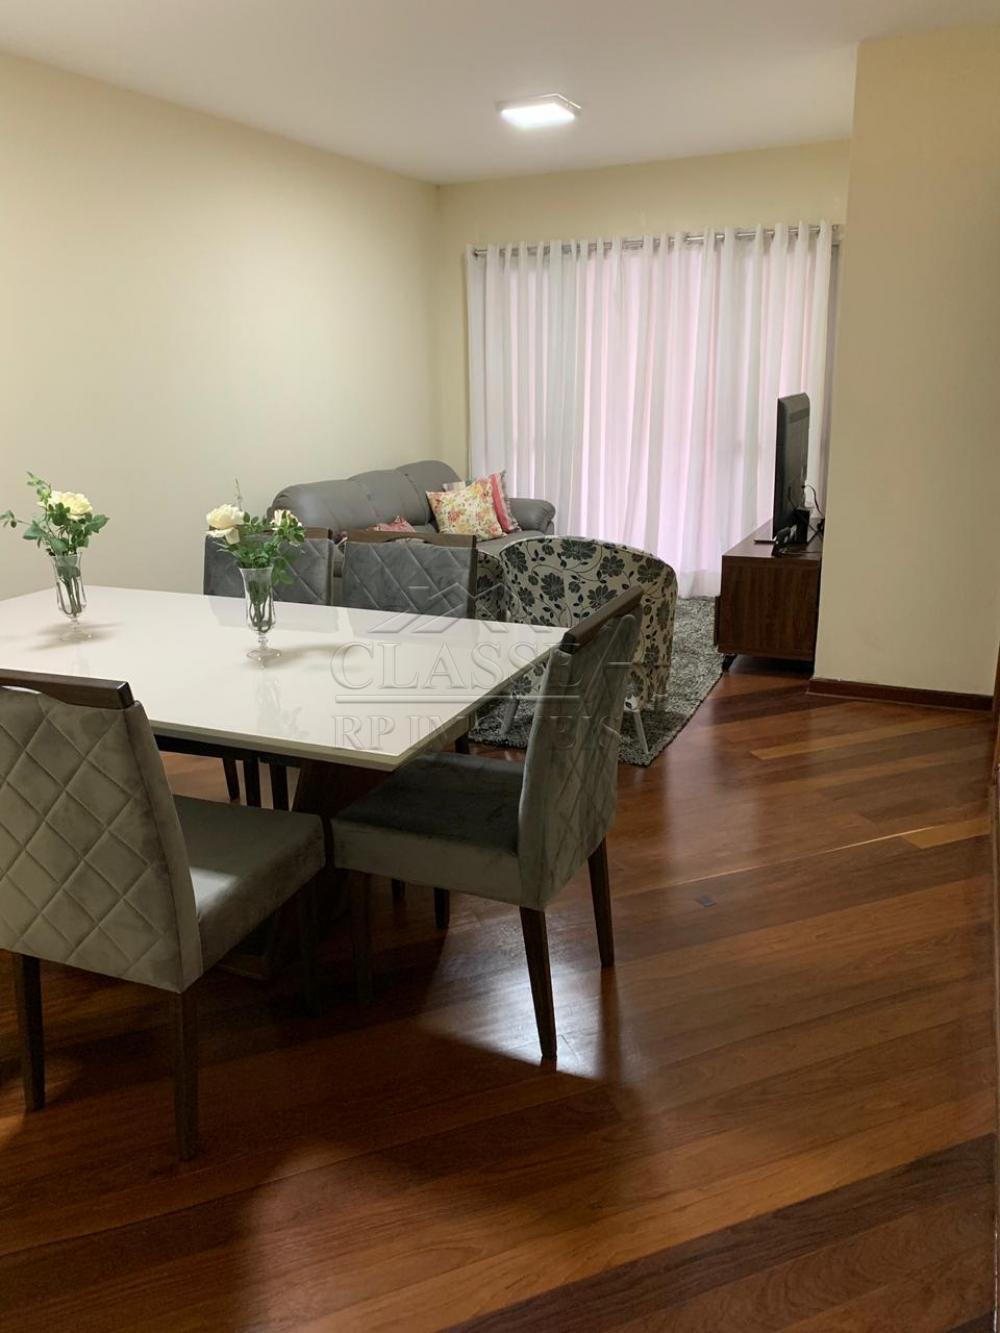 Ribeirao Preto Apartamento Venda R$290.000,00 Condominio R$890,00 3 Dormitorios 1 Suite Area construida 104.00m2